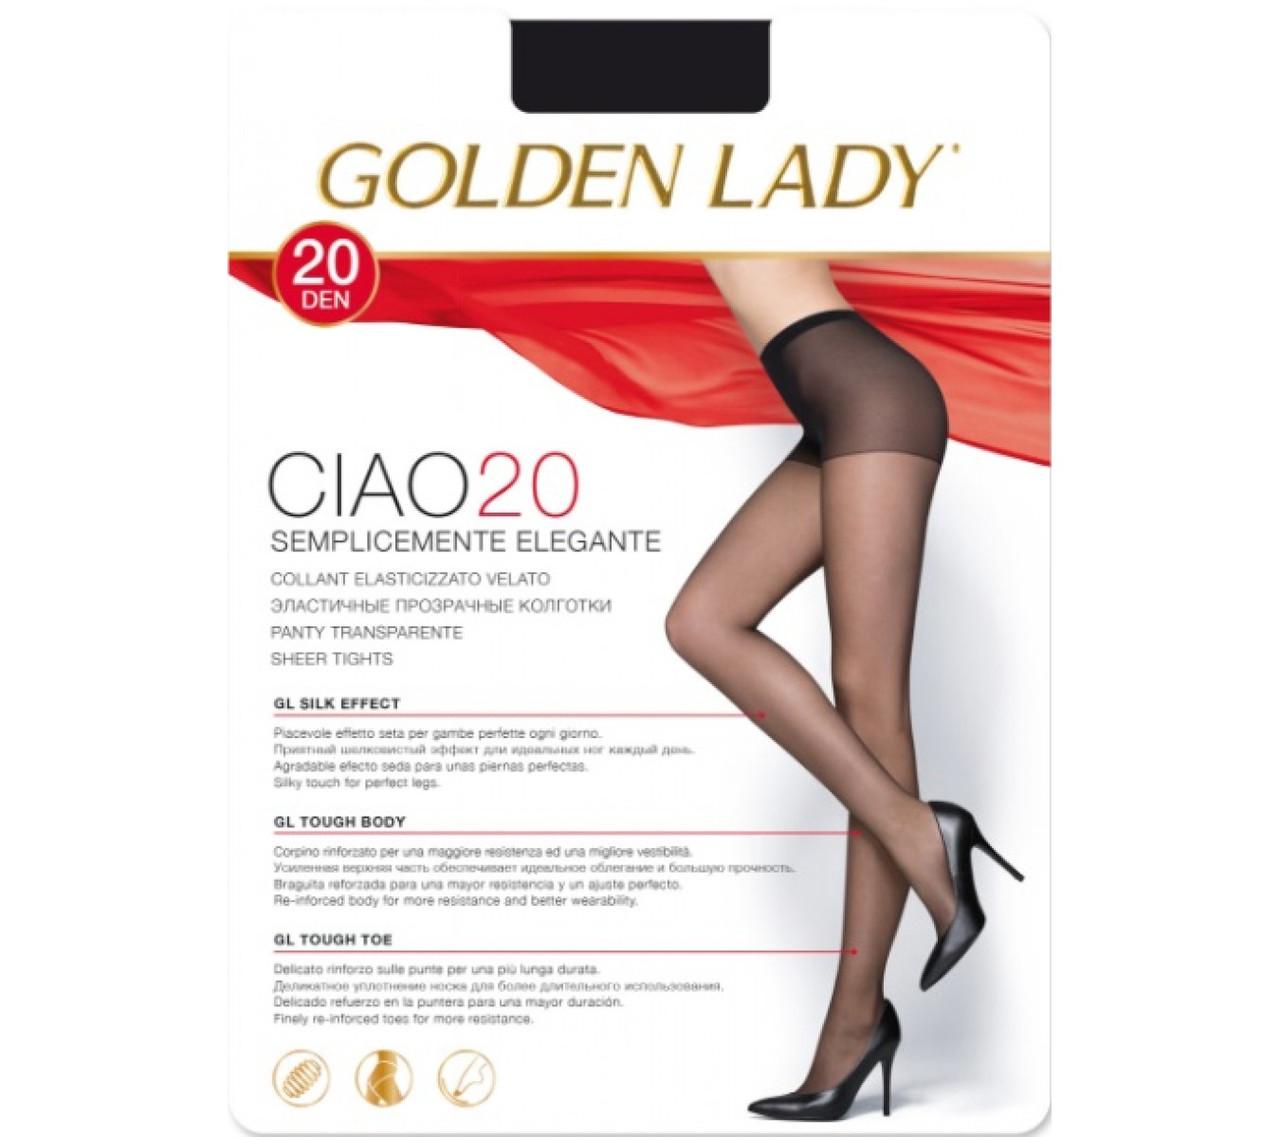 Колготки жіночі Golden Lady Ciao 20 den, всі розміри, в се кольору, колготки Omsa